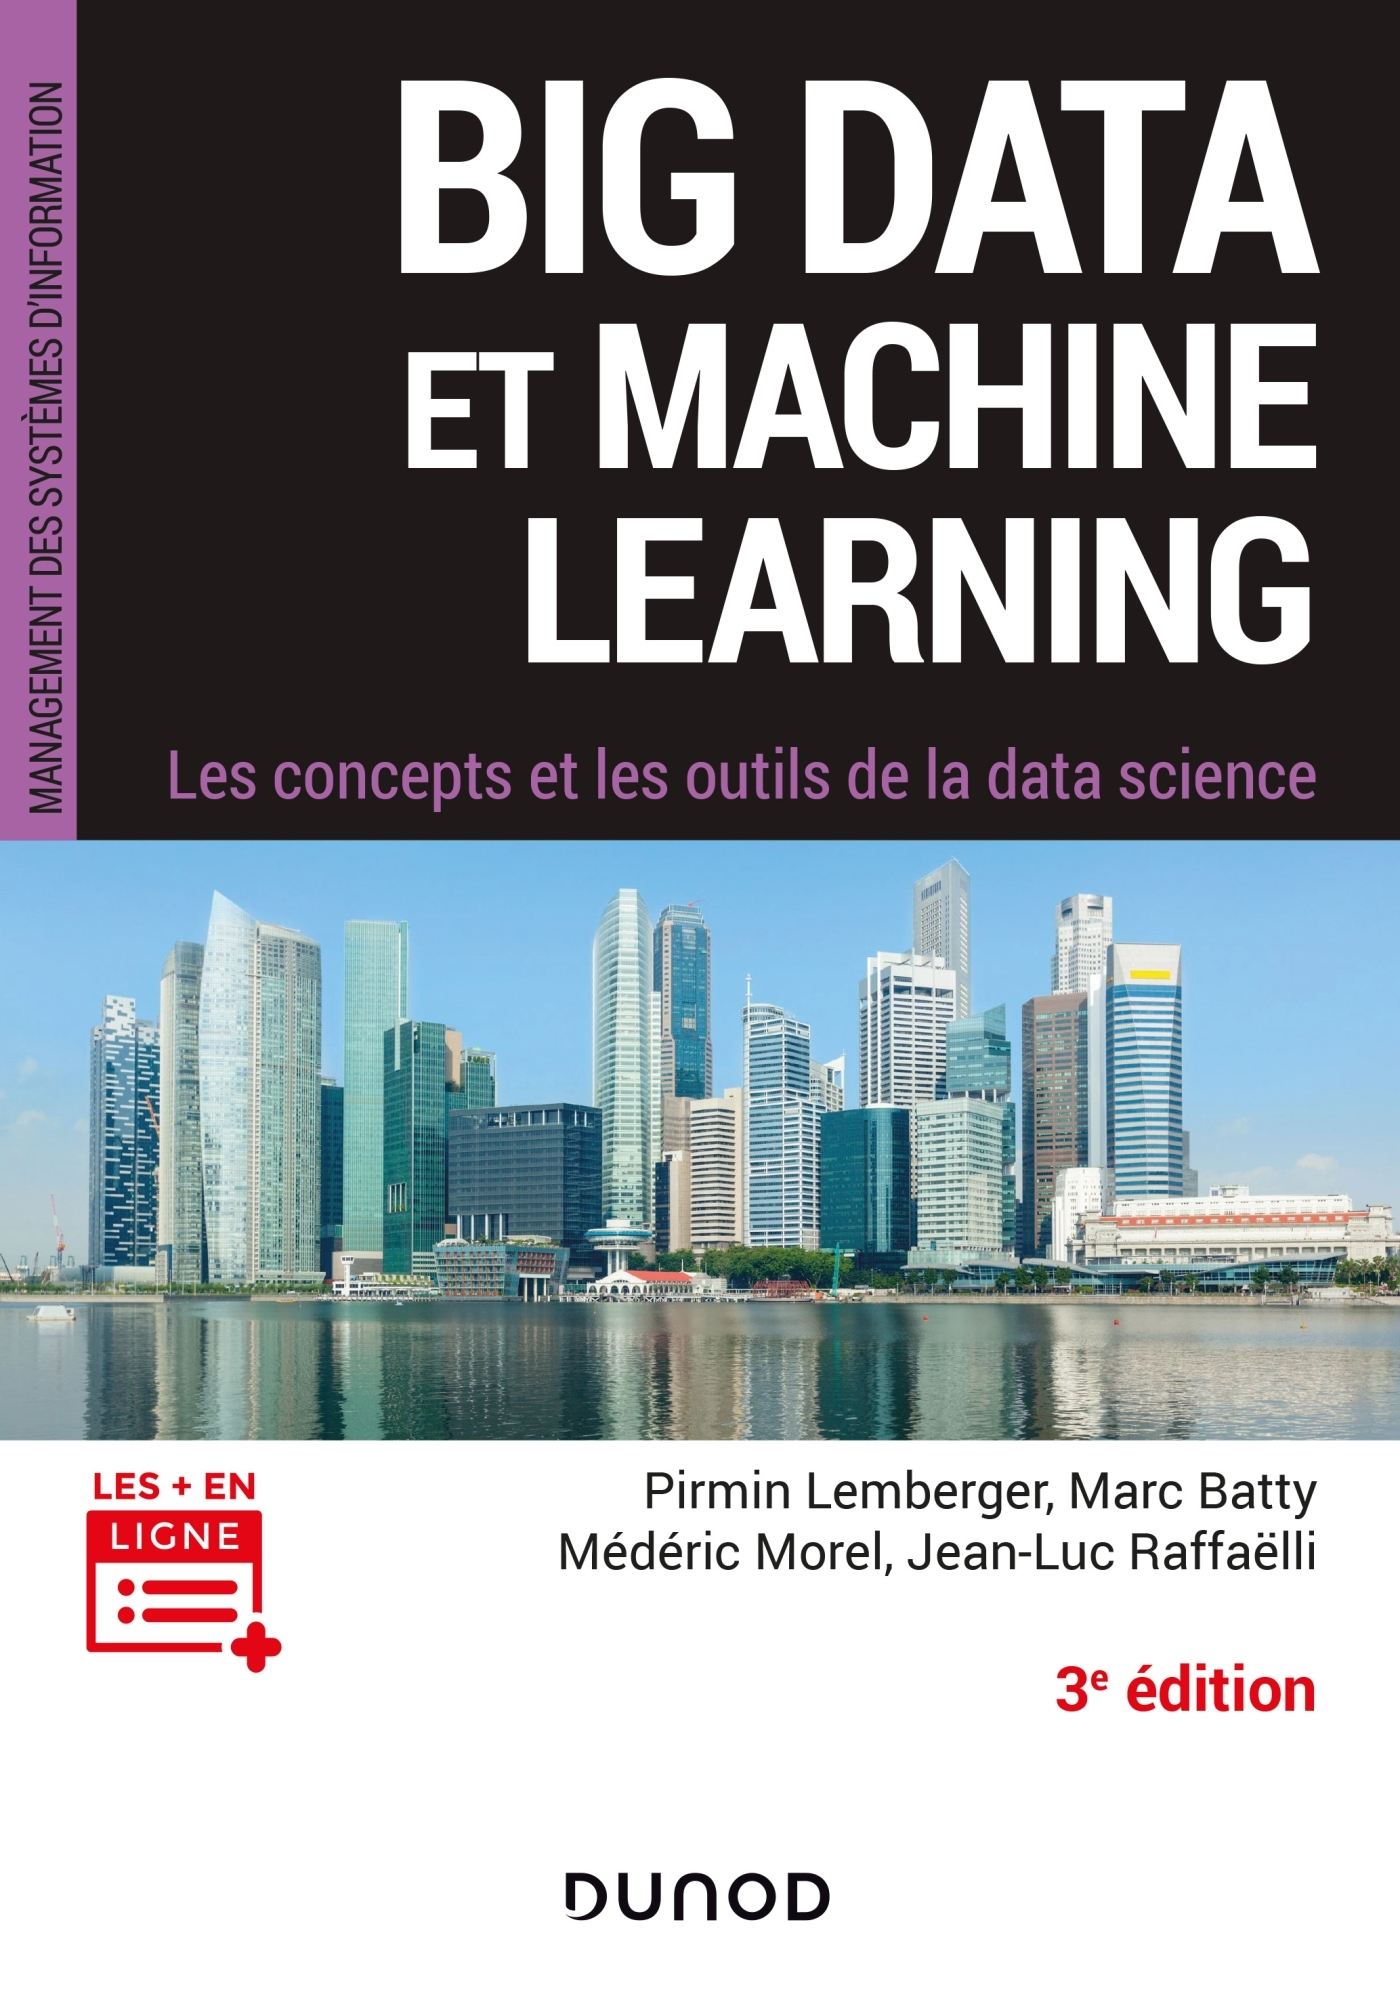 BIG DATA ET MACHINE LEARNING - 3E ED. - LES CONCEPTS ET LES OUTILS DE LA DATA SCIENCE